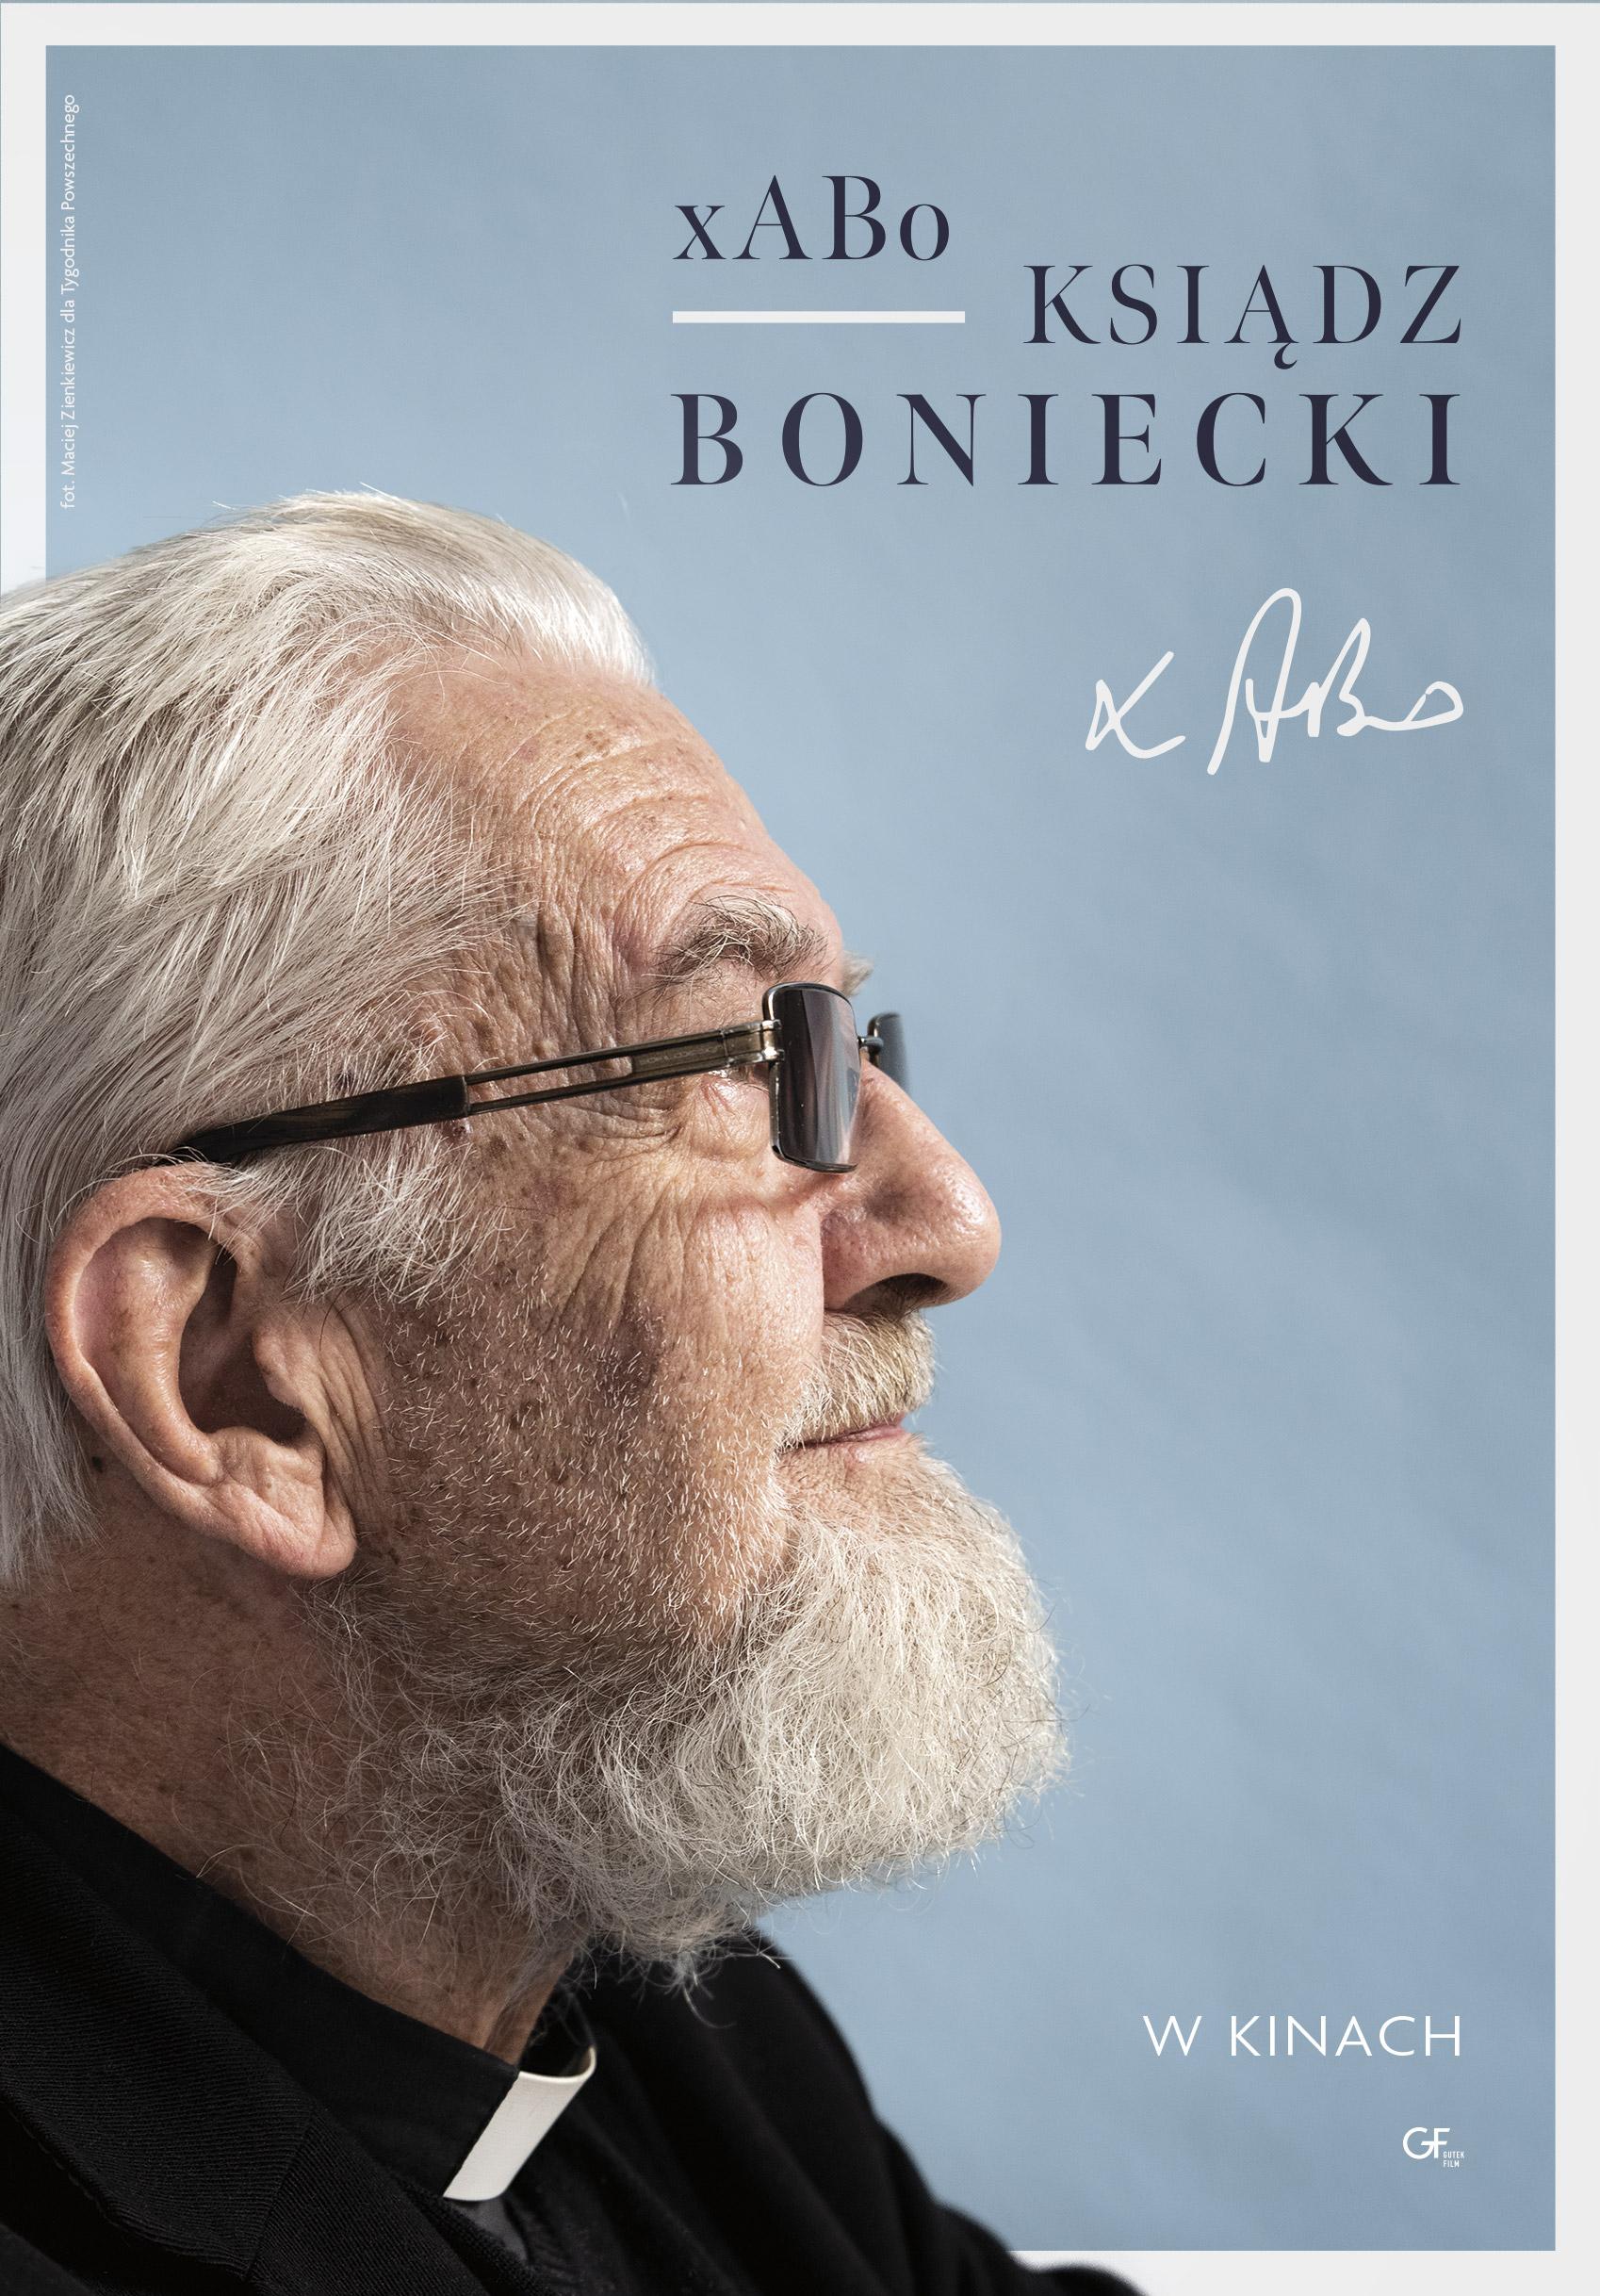 Janosikowy Klub Seniora: xABo: Ksiądz Boniecki.